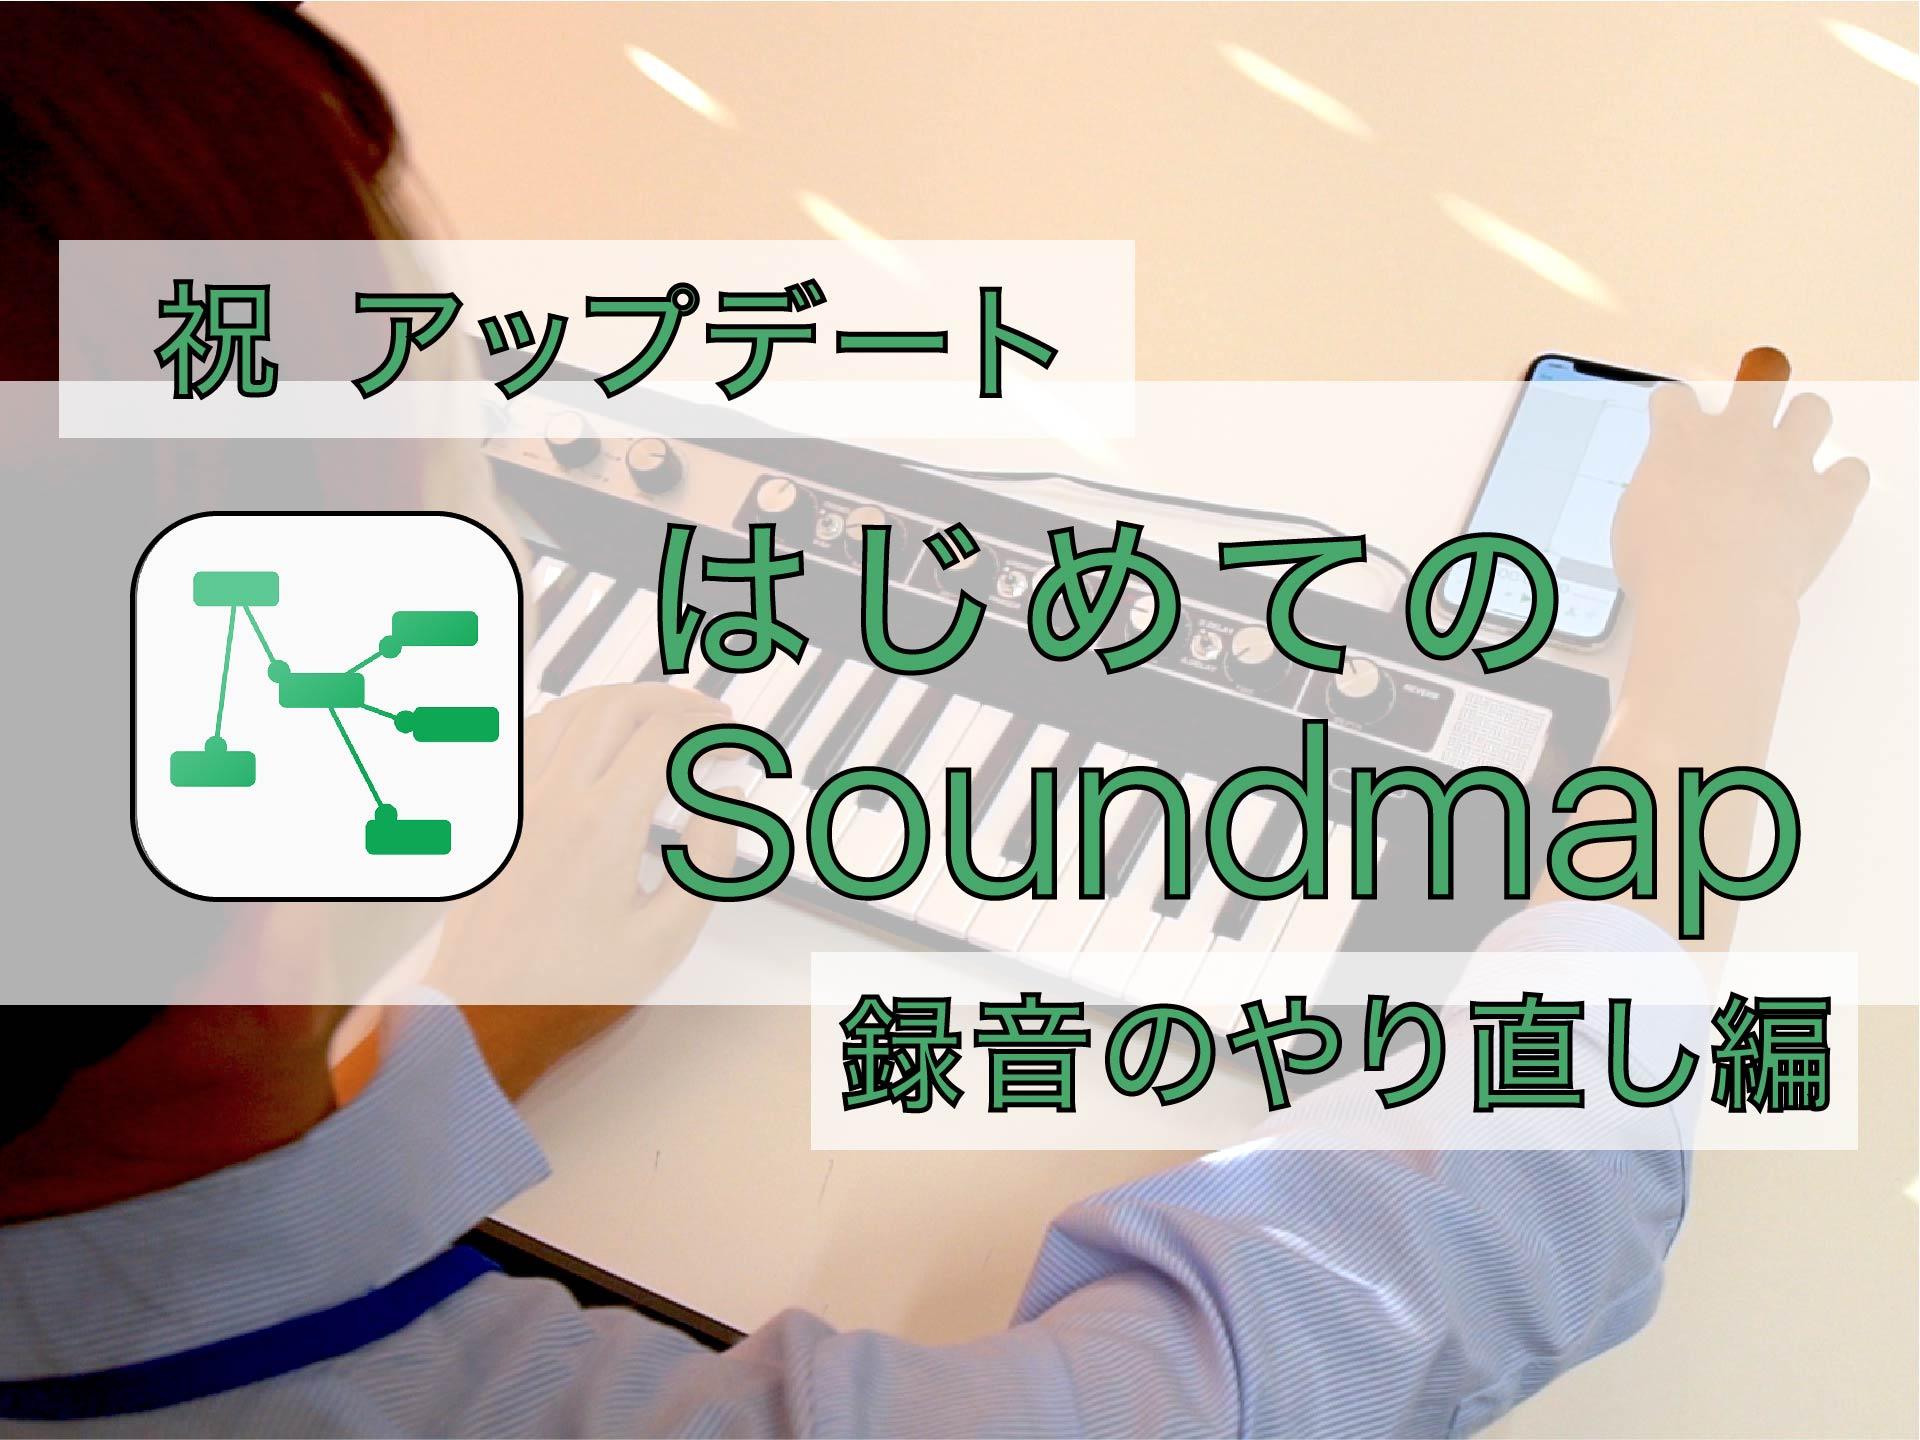 Soundmap_サムネ_録音のやり直し編-01